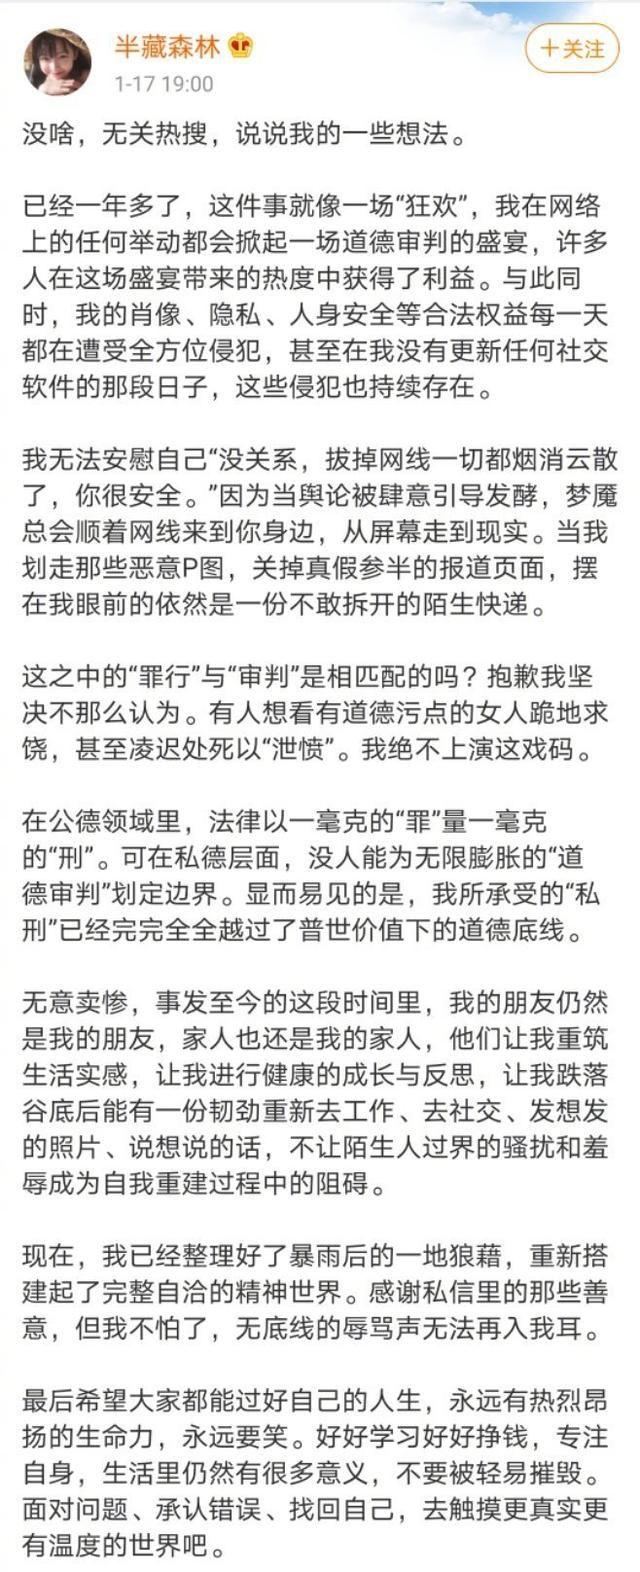 半藏森林发长文控诉网络暴力 半藏森林怎么了